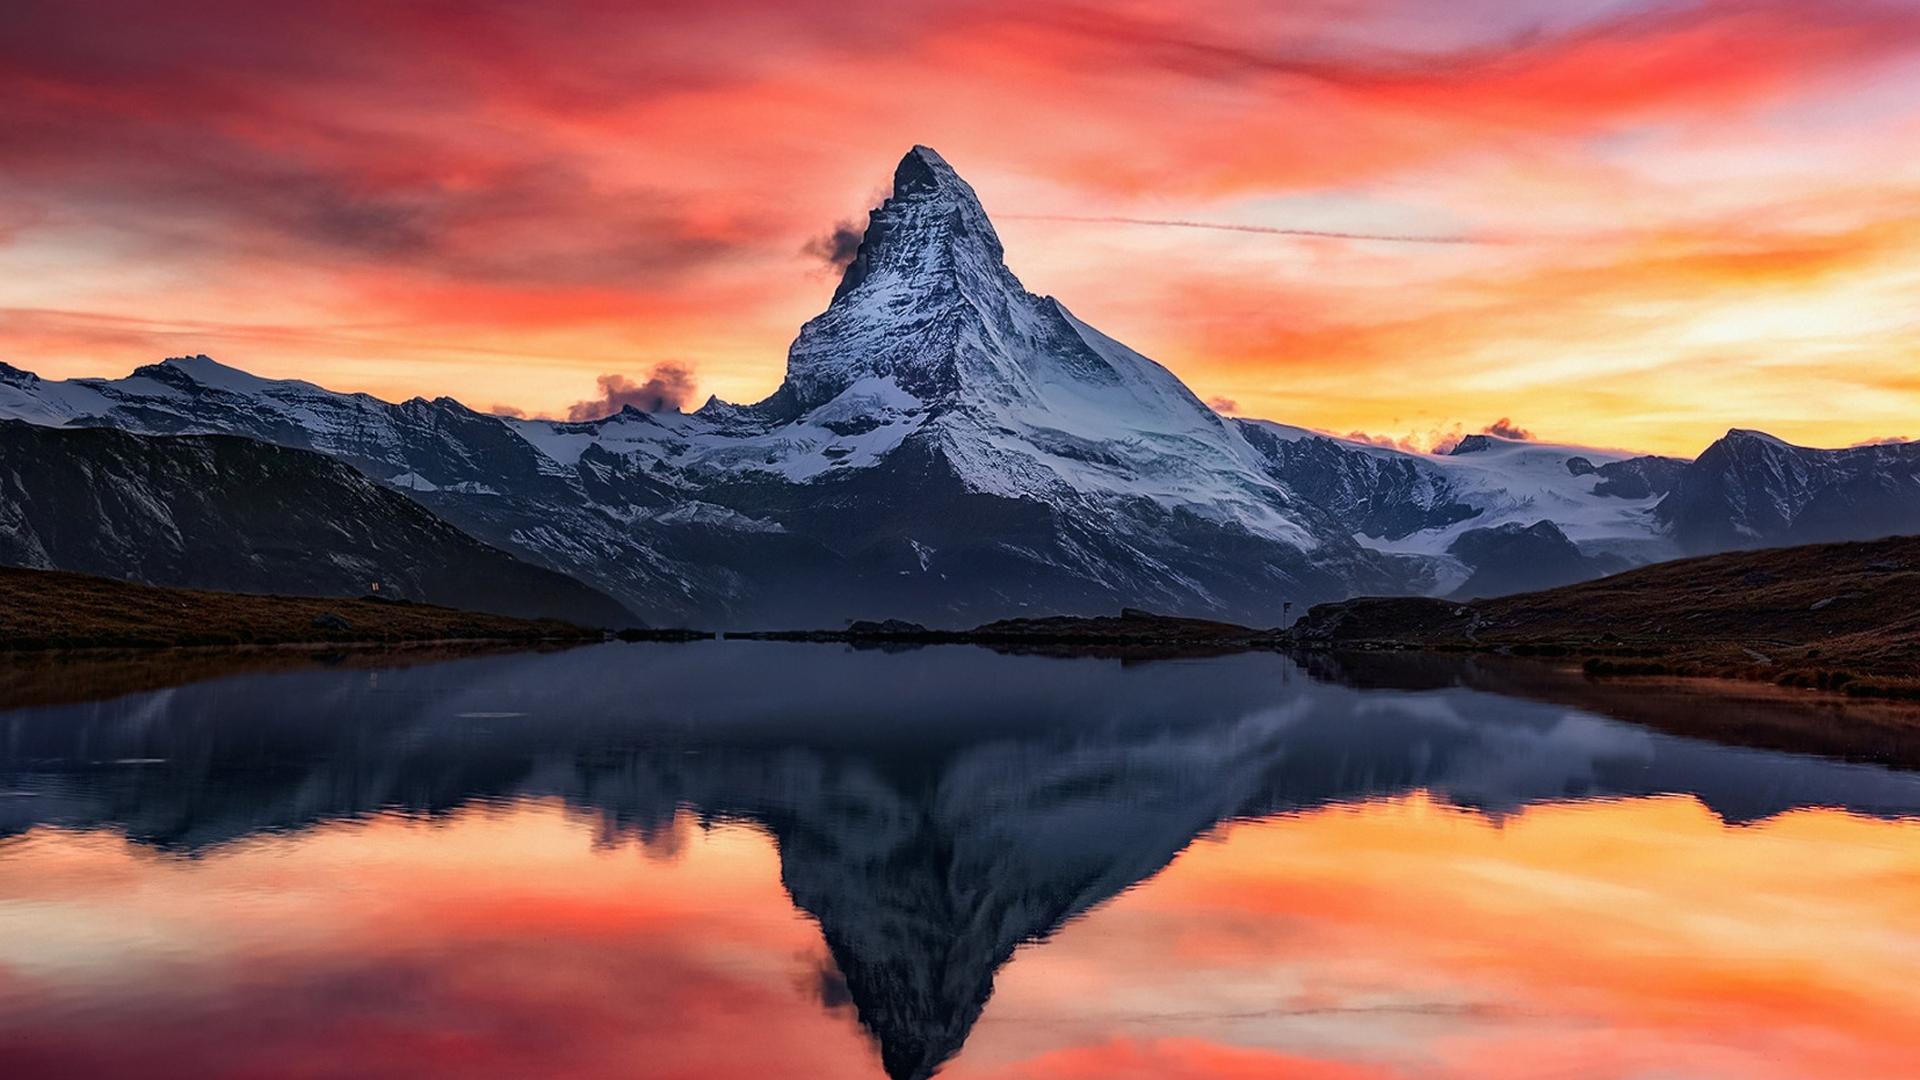 表情 唯美山水自然风光美景秀美天空图片壁纸 高清桌面壁纸 亚博电竞  表情图片